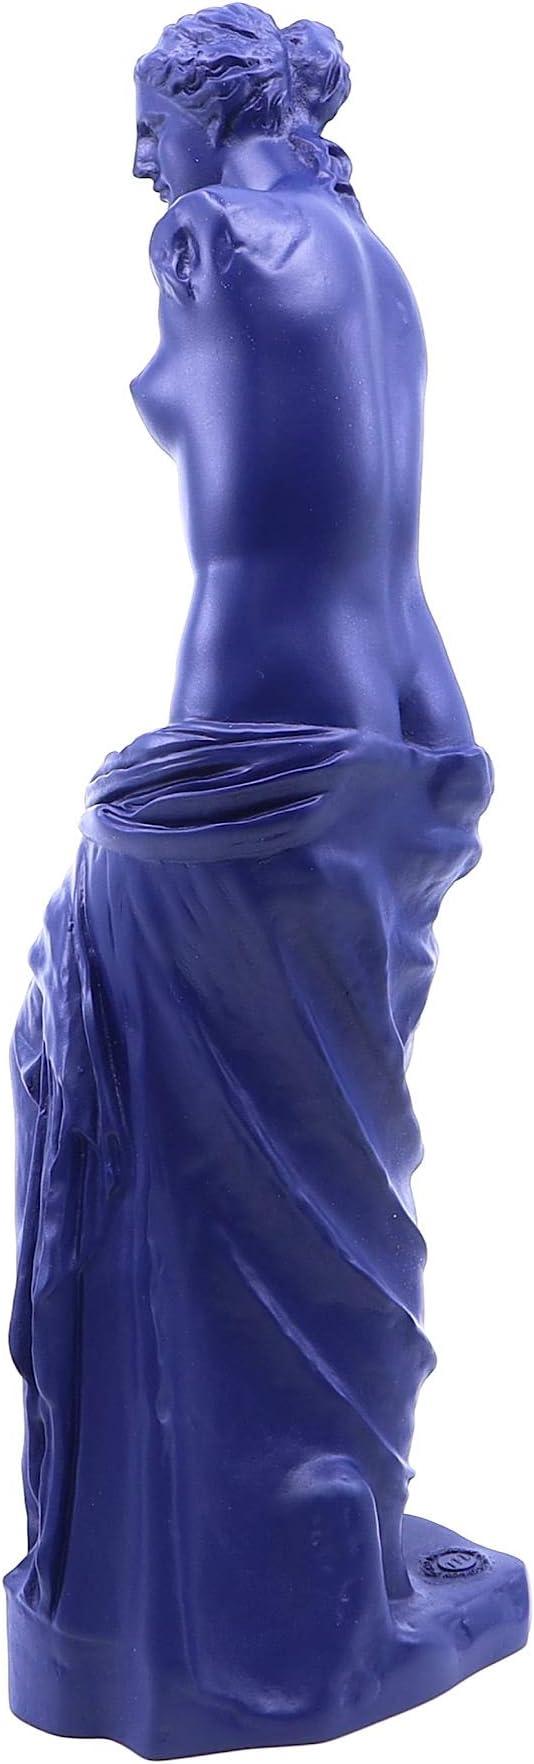 /10/cm Figur Die Venus von Milo/ A